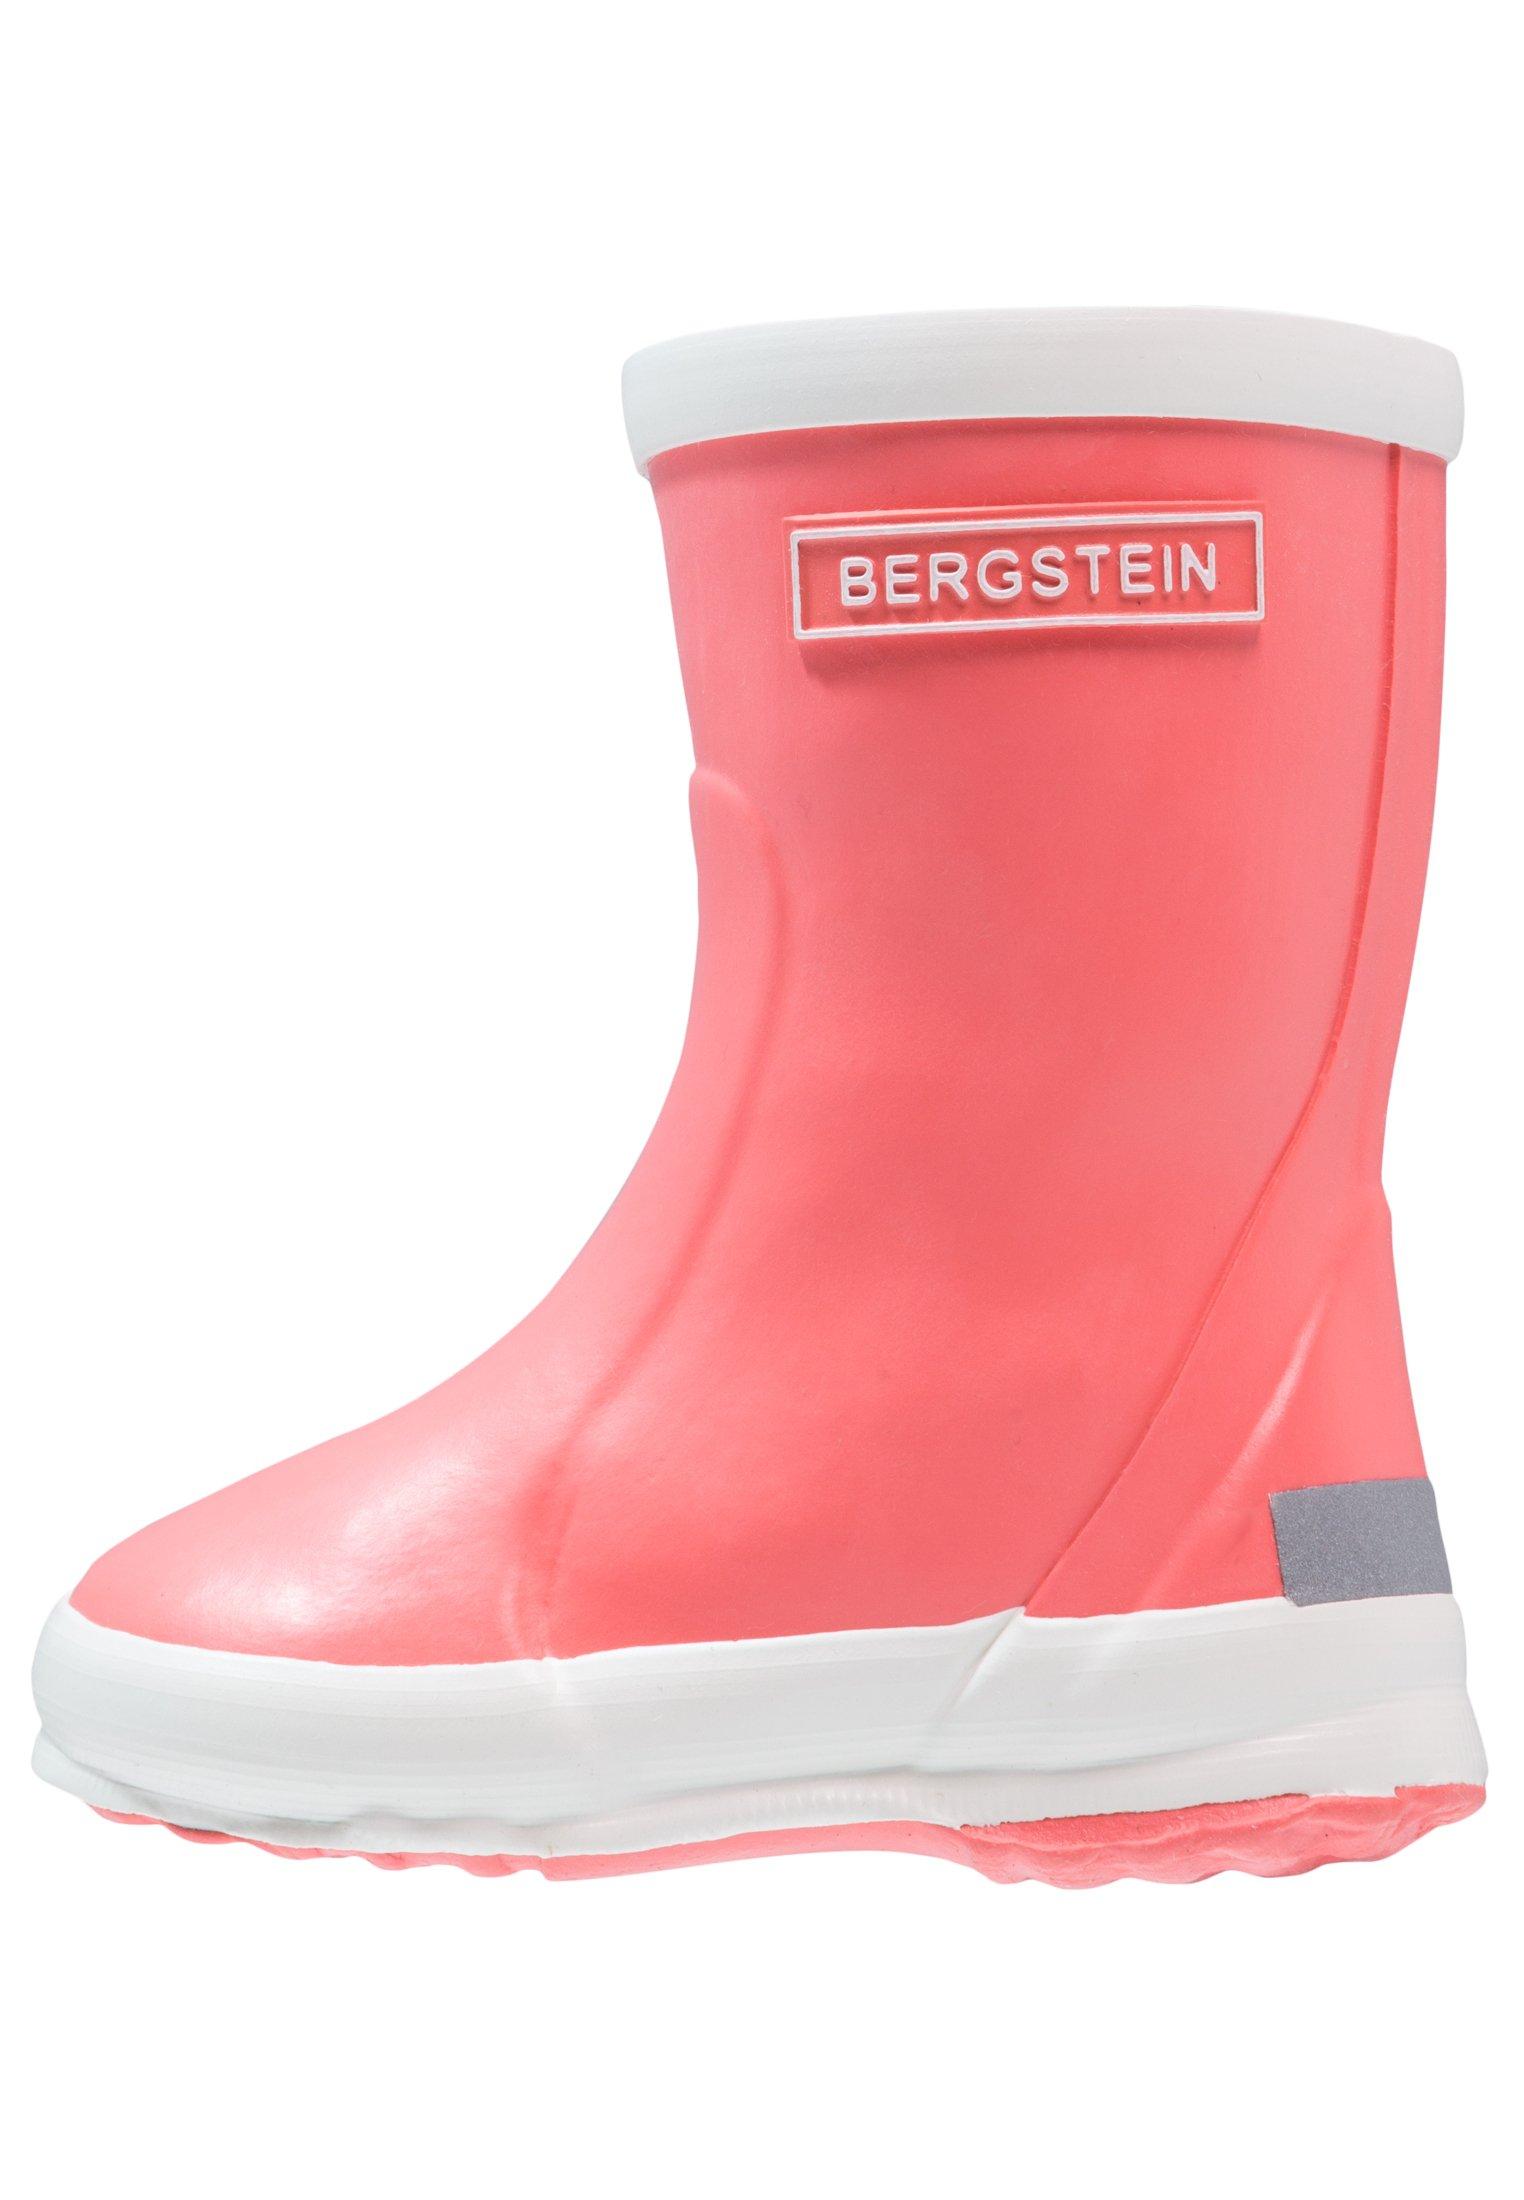 Bergstein RAINBOOT Regenlaarzen taupeLichtgrijs